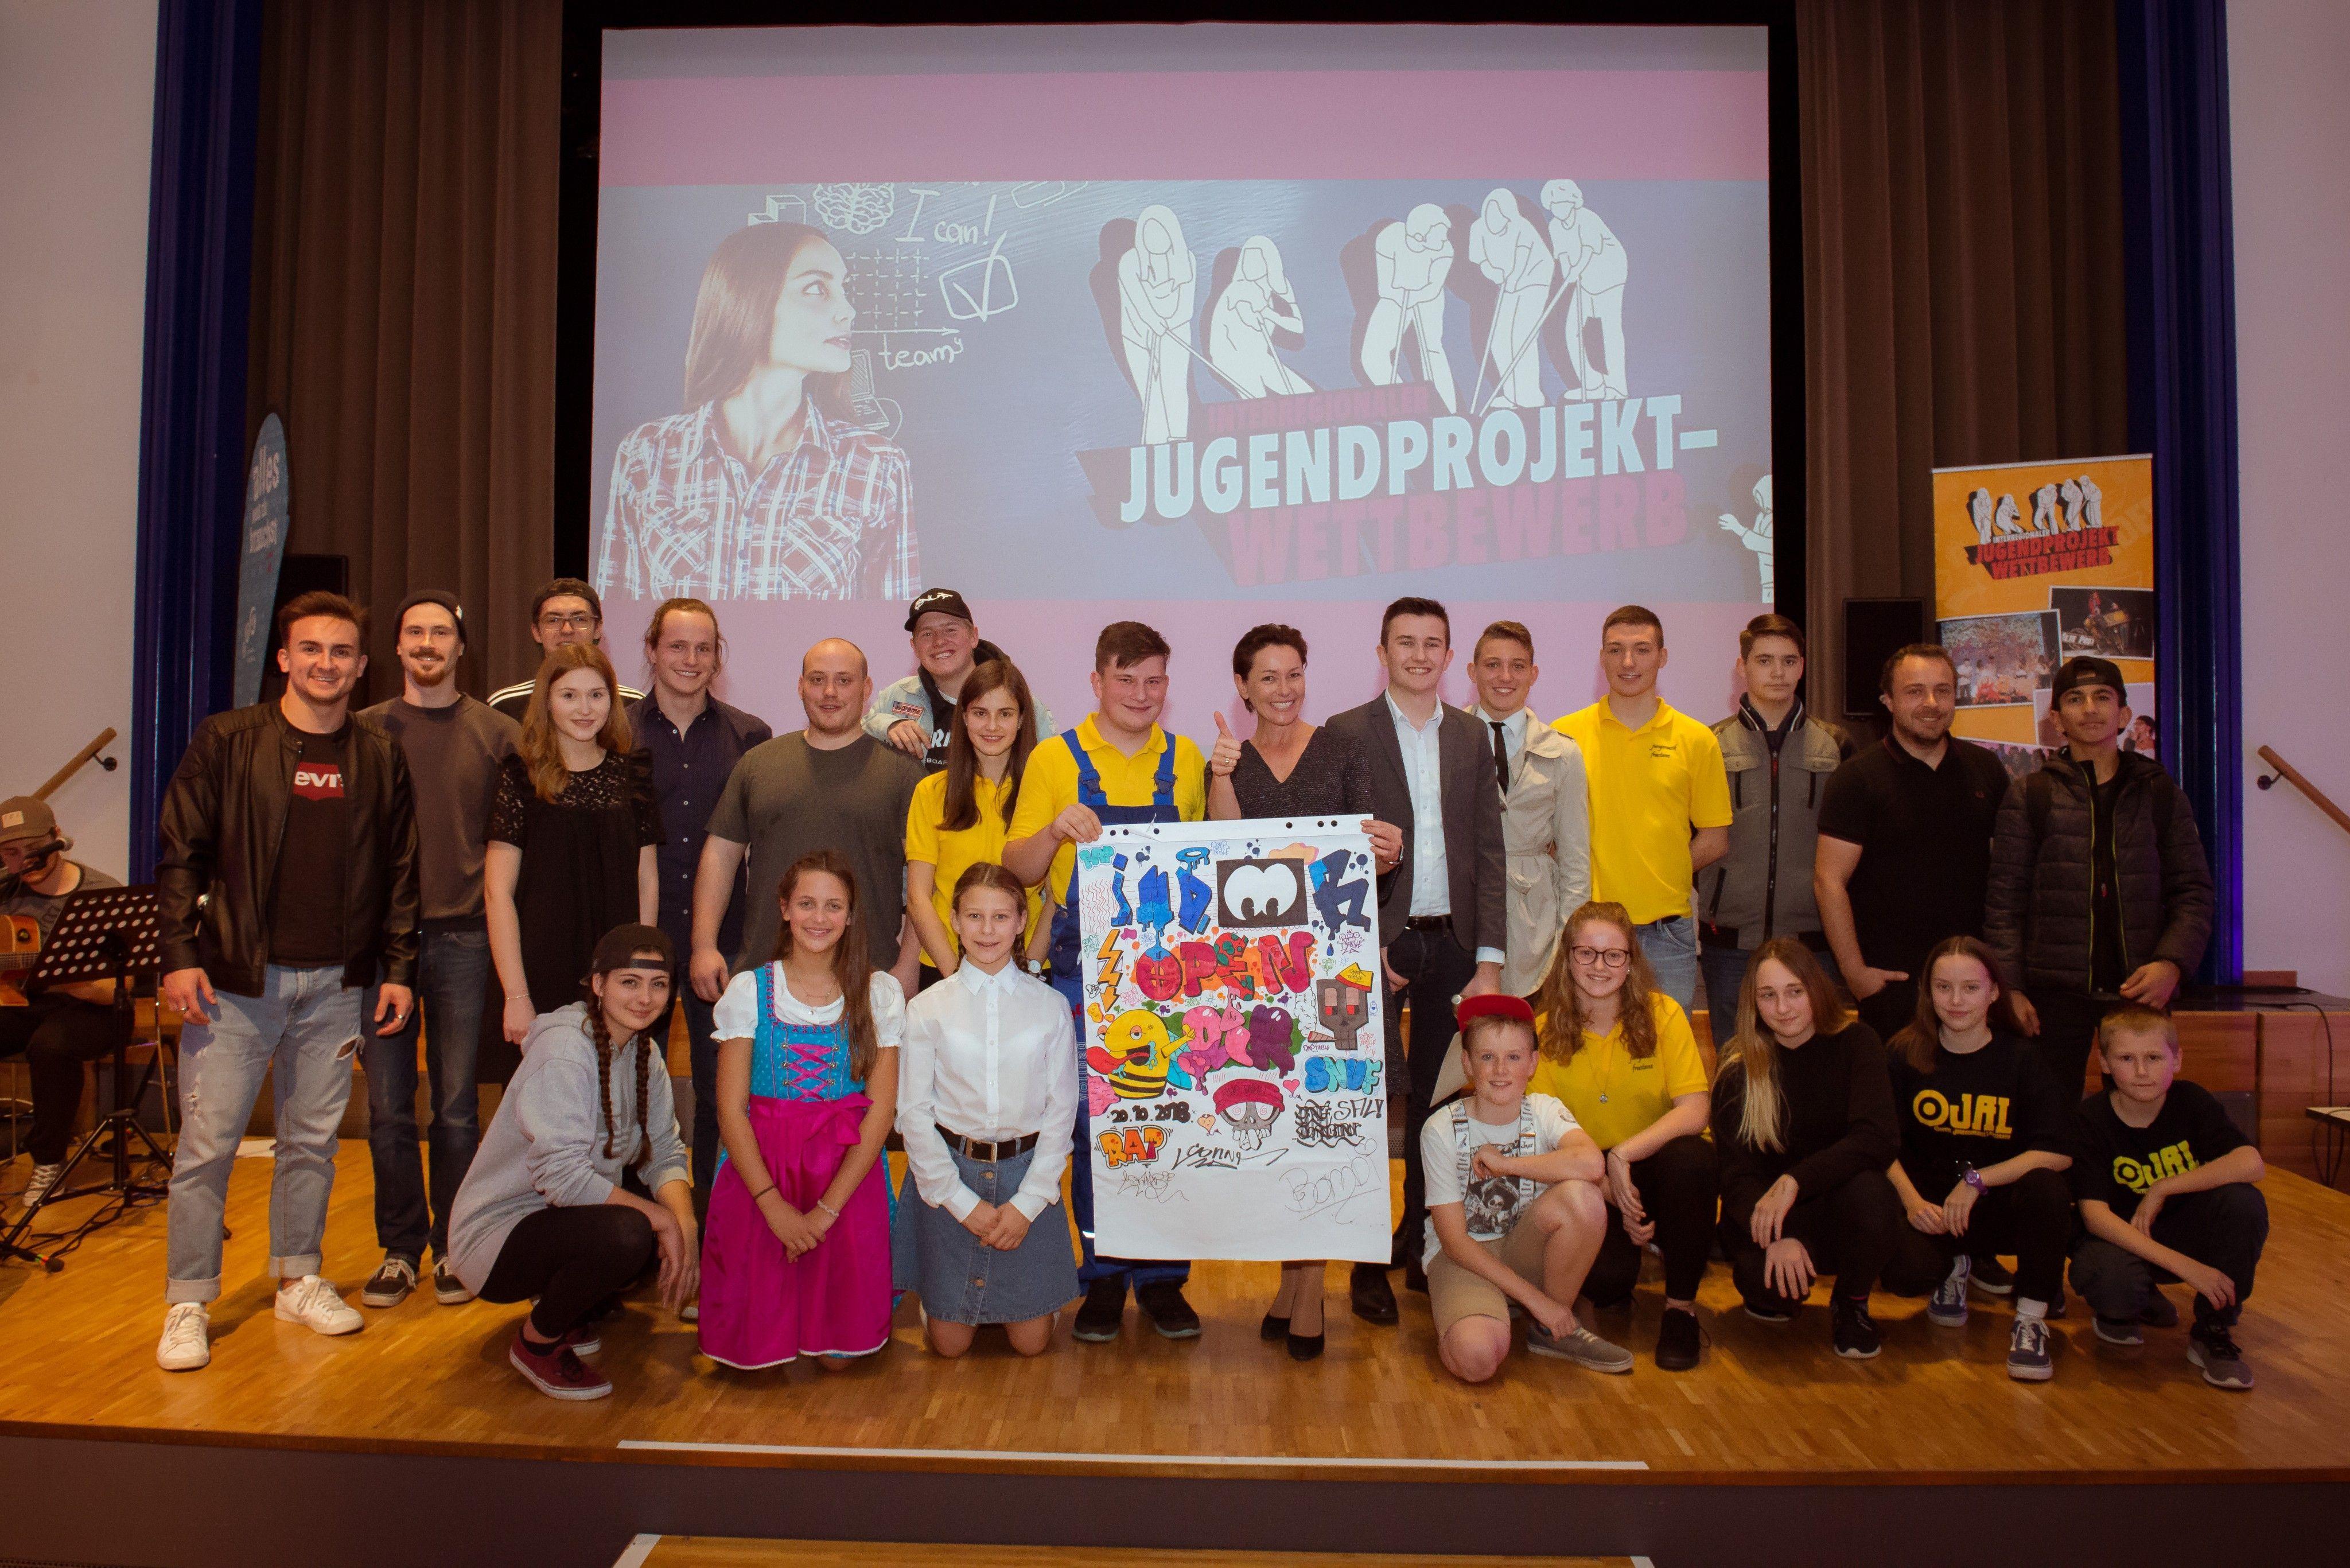 Jugendprojektwettbewerb: Wallner gratuliert Vorarlberg-Abordnung